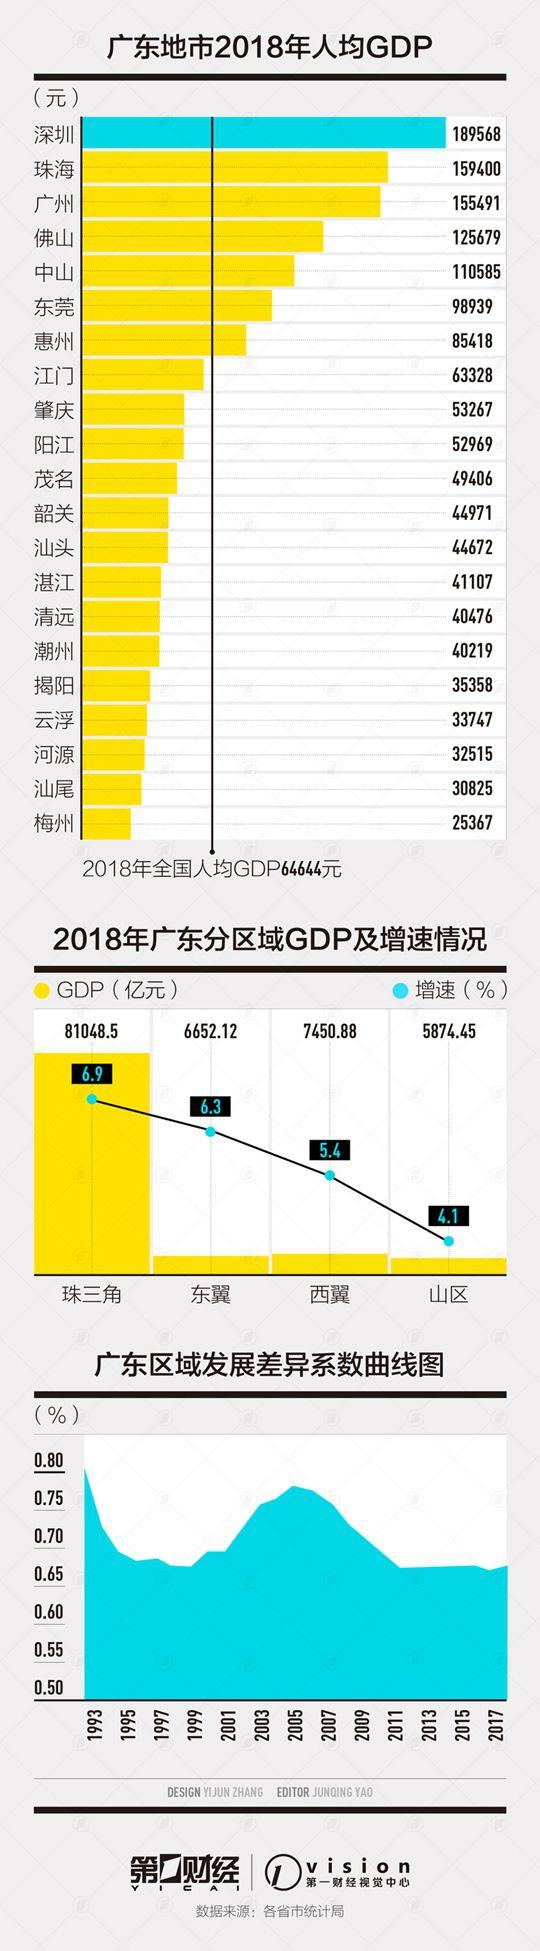 东部5省均衡度比较:广东2/3地市人均GDP低于全国